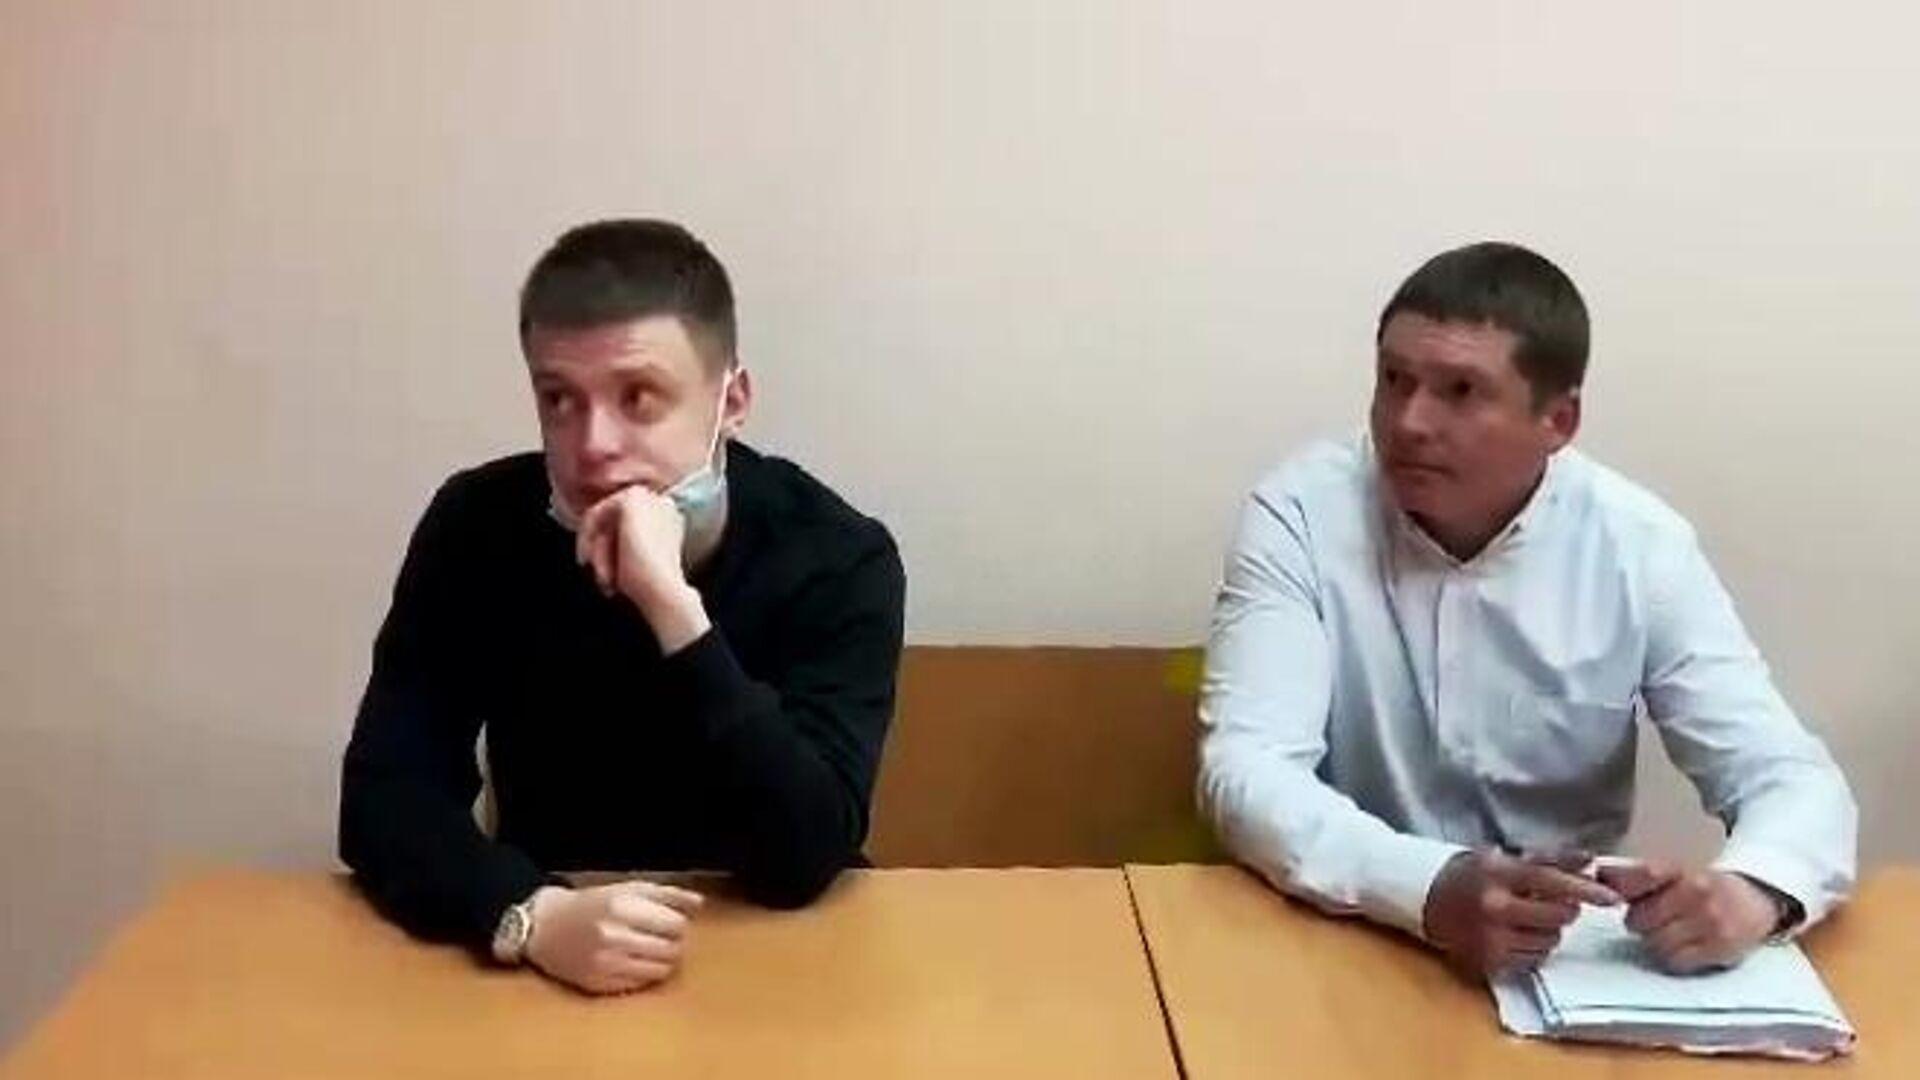 Слева - блогер Андрей Бурим (Mellstroy) во время рассмотрения в отношении него уголовного дела в Пресненском районном суде Москвы - РИА Новости, 1920, 23.06.2021